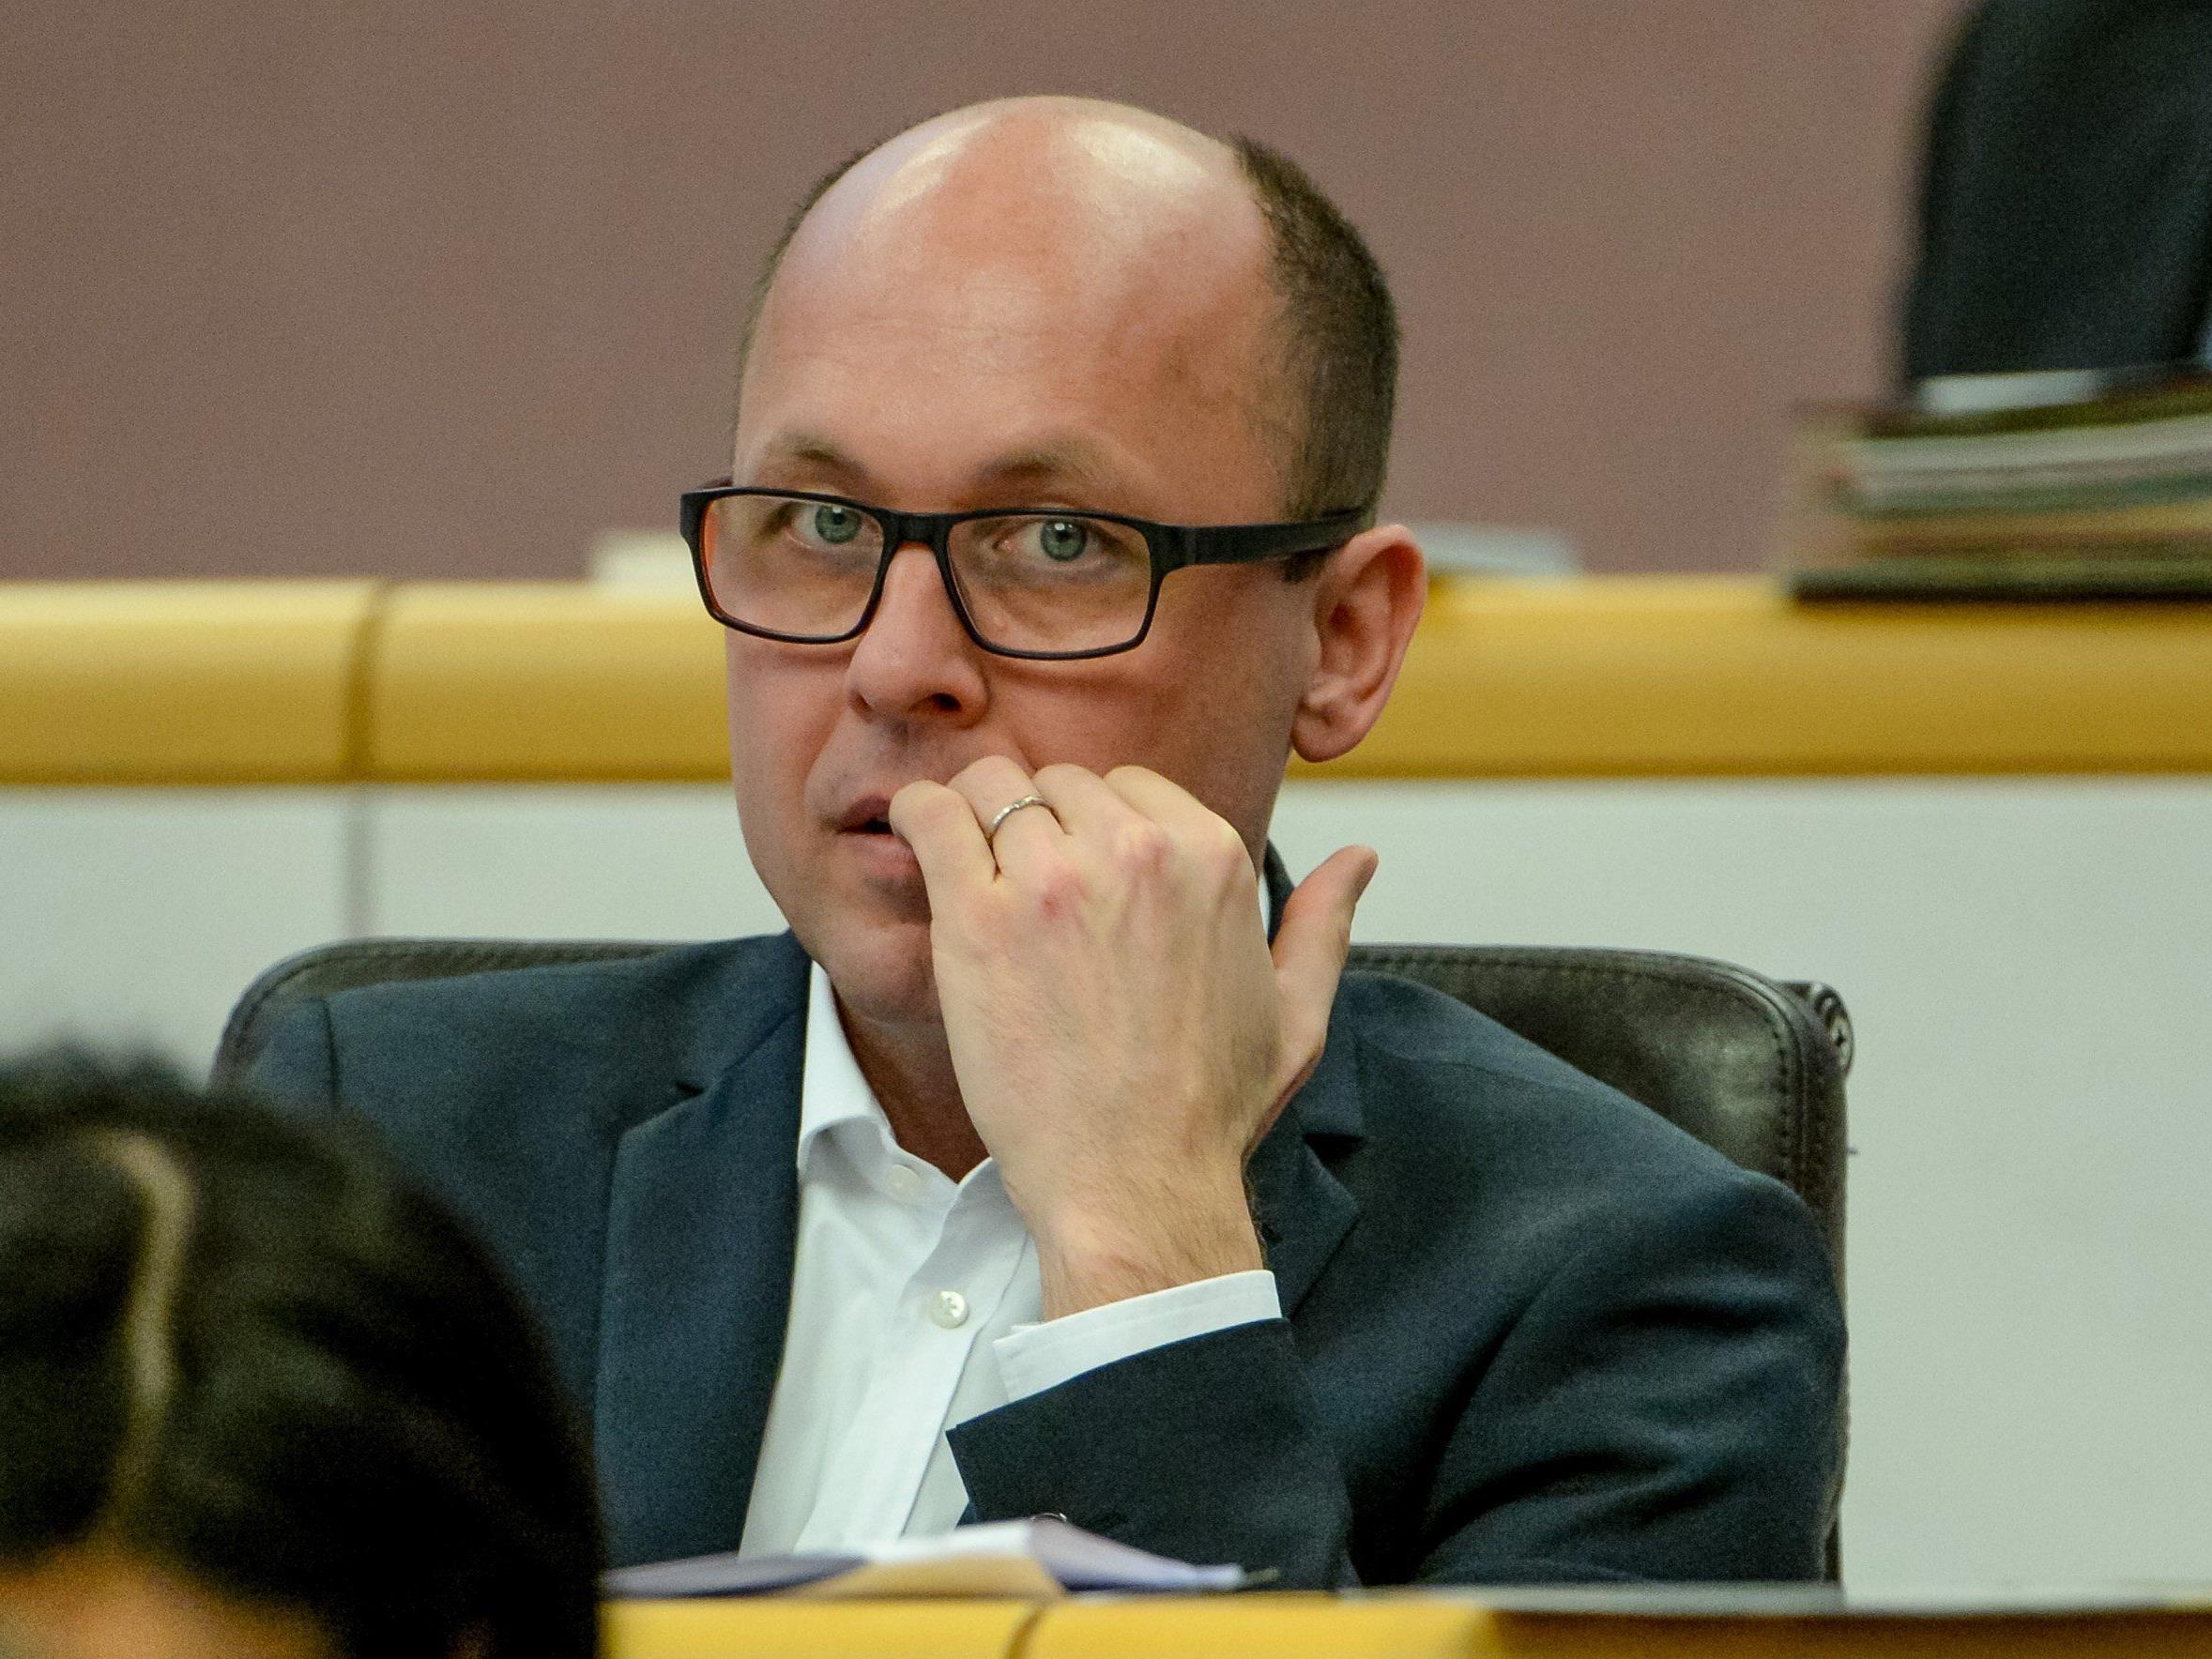 Für SPÖ-Landesparteichef Michael Ritsch stellt sich die Frage nach einer Koalition mit der FPÖ in Vorarlberg nicht.